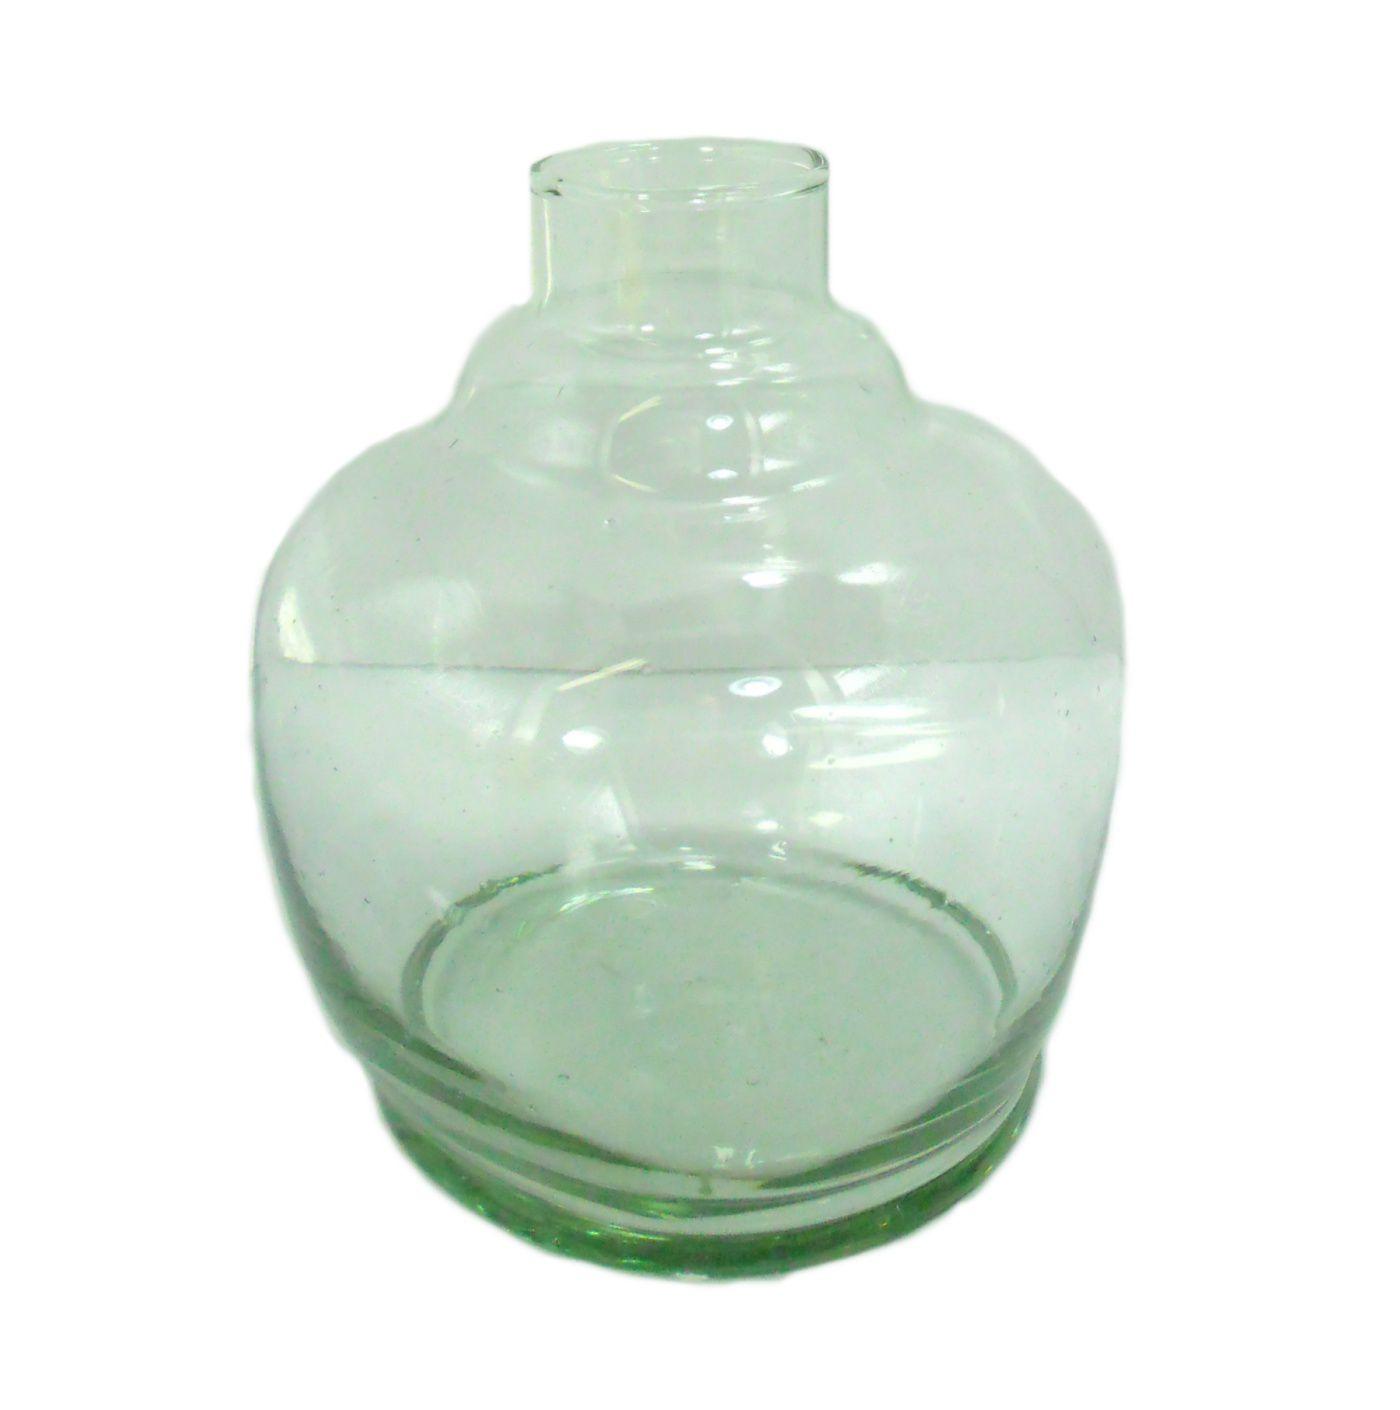 Vaso/base para narguile FULGORE, em vidro, formato PUMP. Altura 13cm. Bocal 3,7cm diâm. Transparente